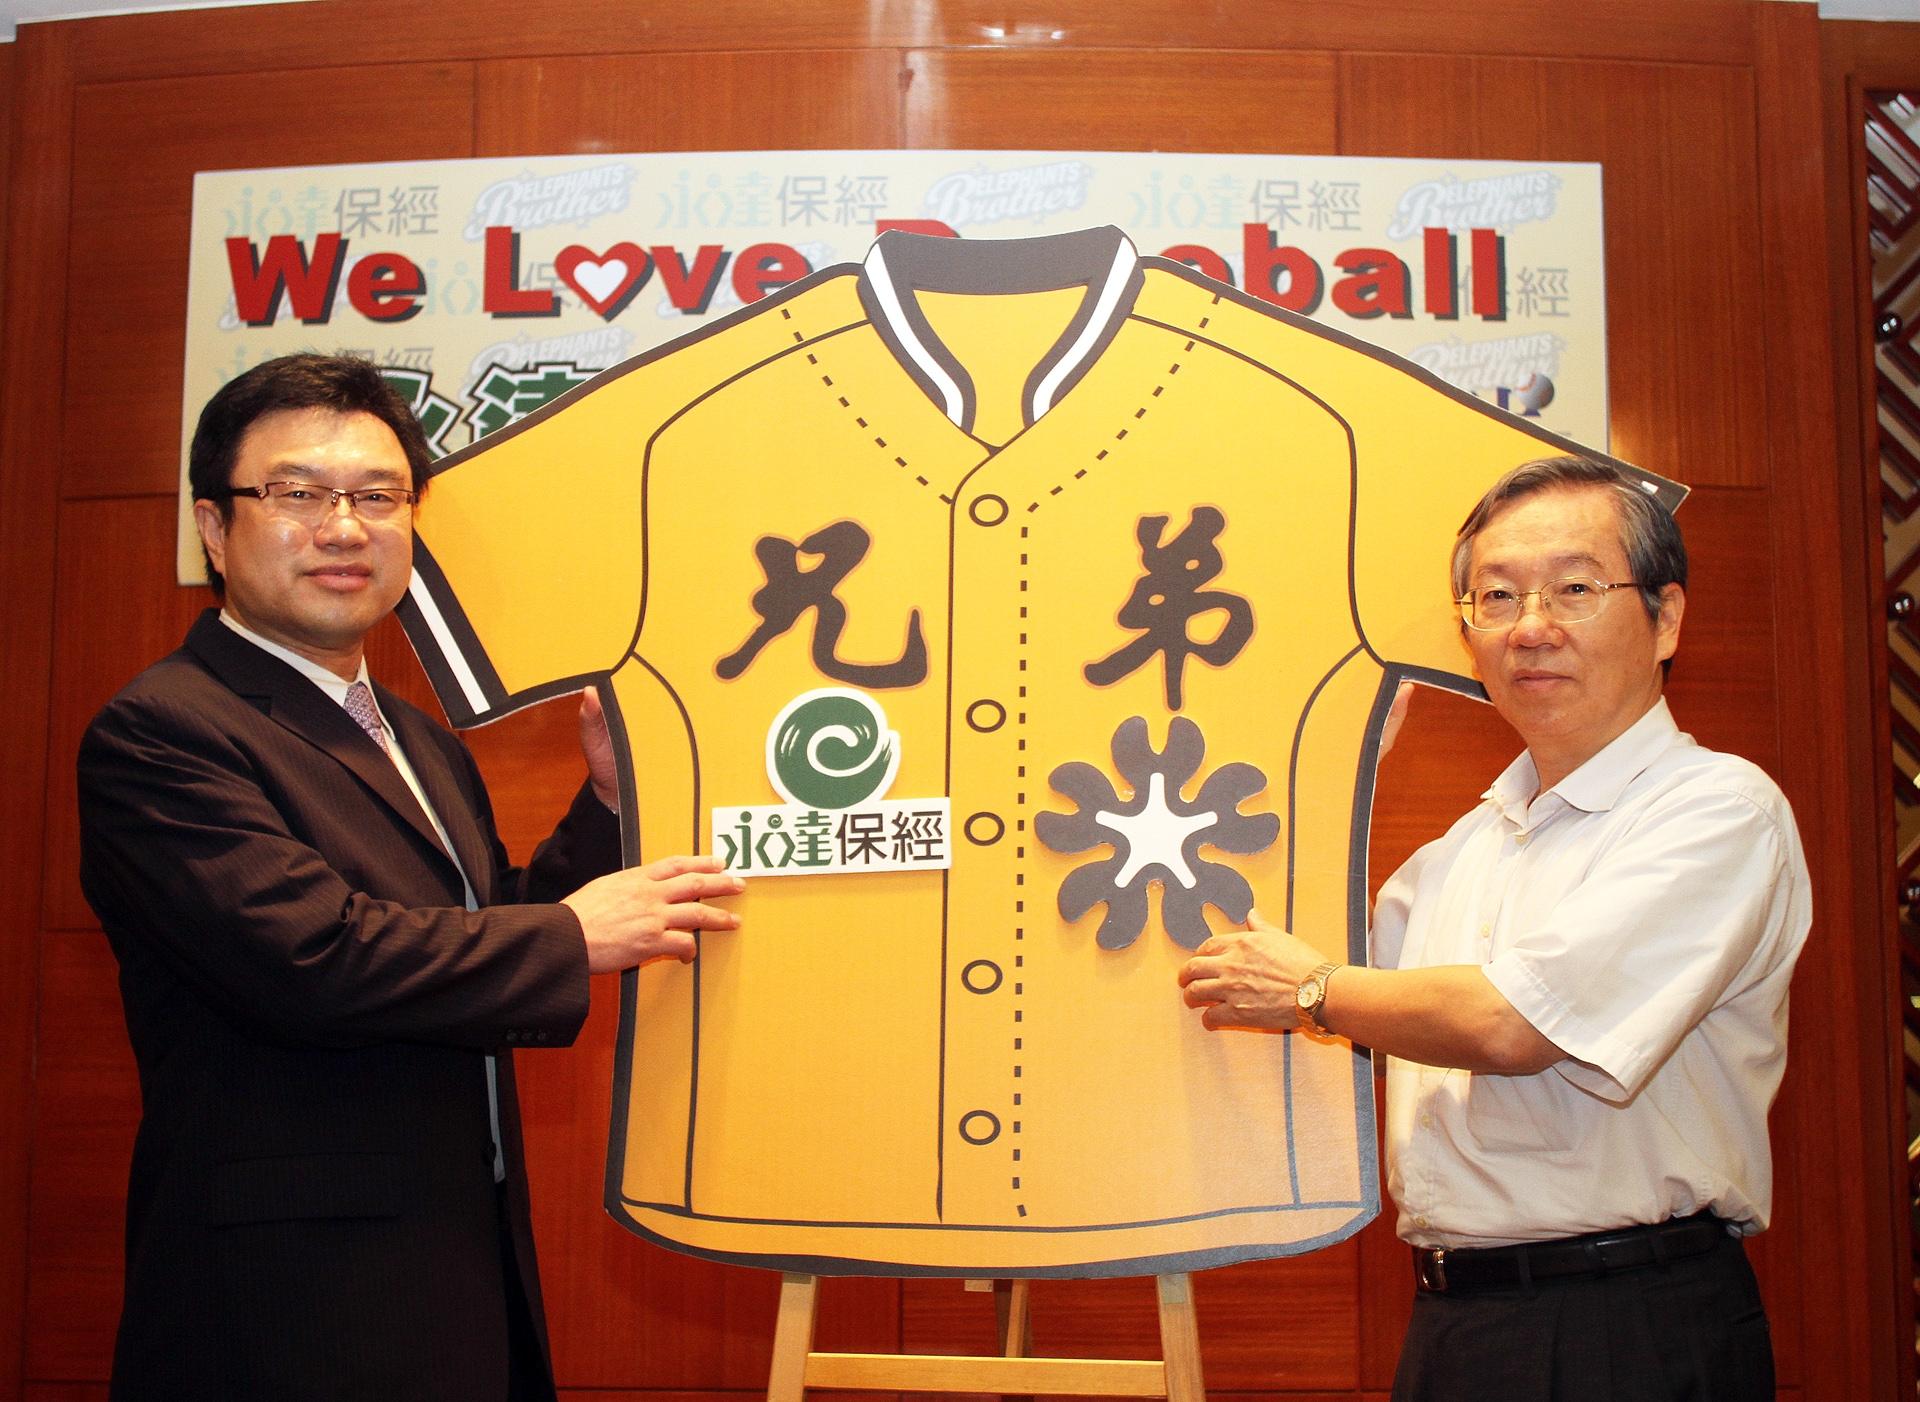 永達吳文永董事長(圖左)和兄弟象洪瑞河董事長(圖右) 分別貼上代表企業精神LOGO,象徵力挺兄弟。